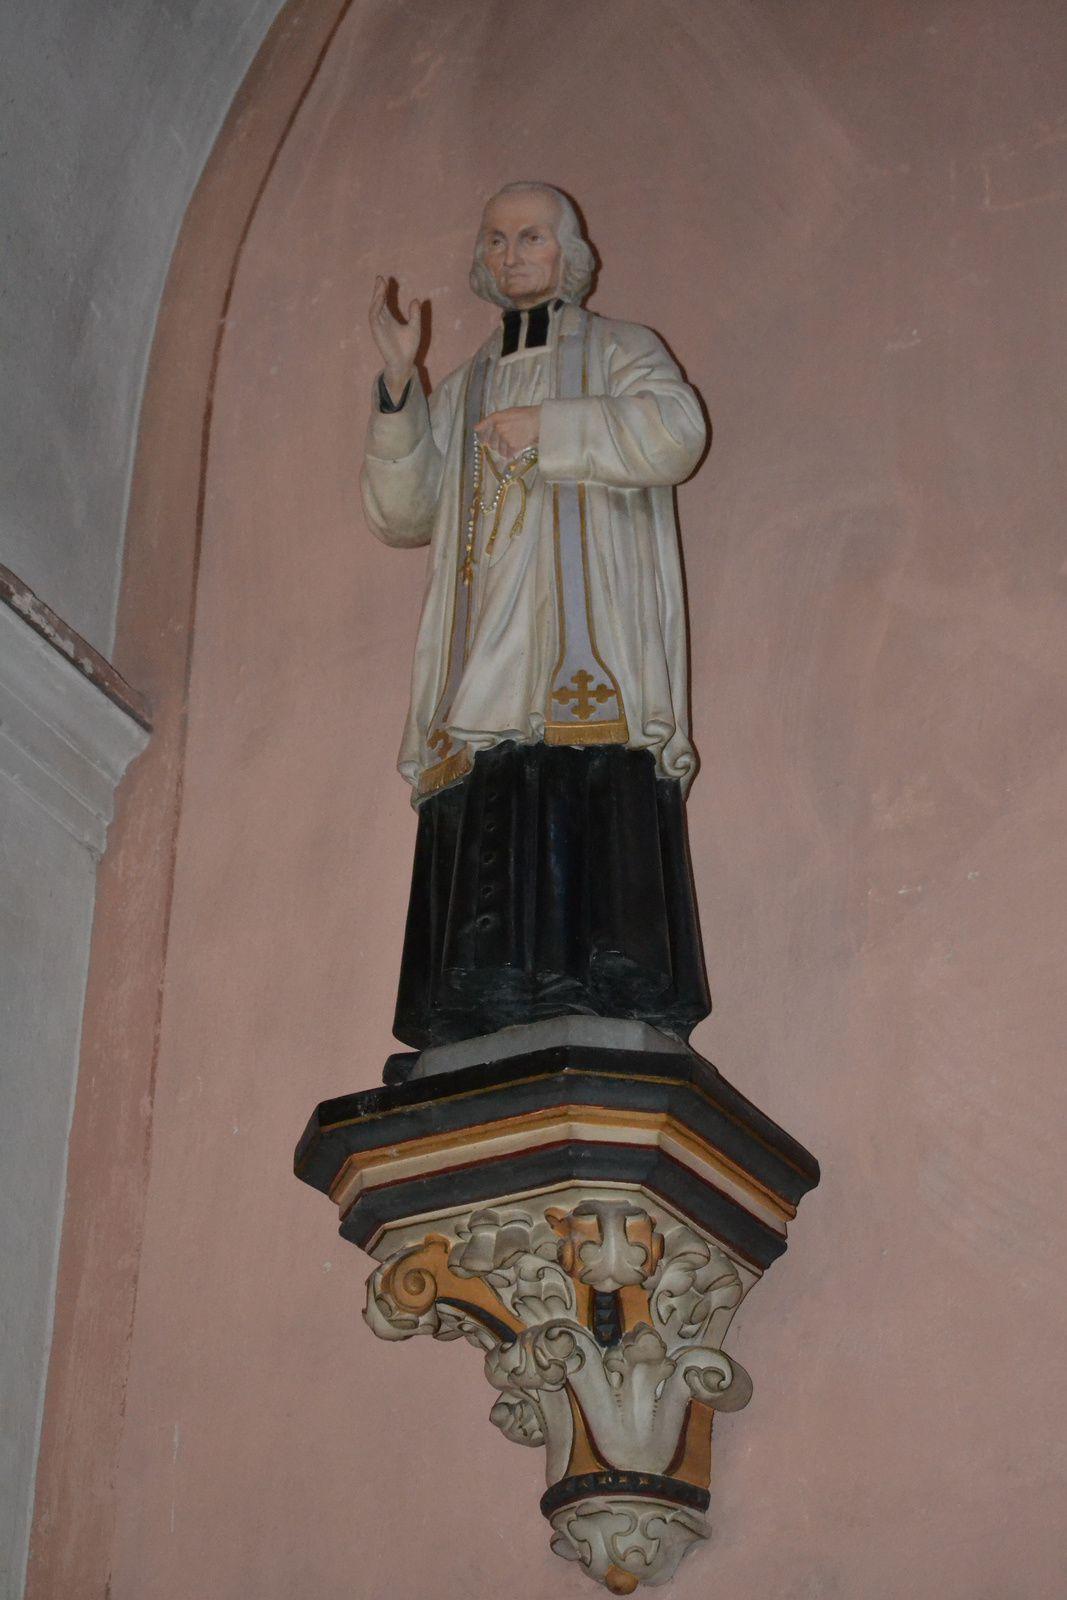 ...à Saint Michel D'Euzet dans le Gard prés de Bagnols sur Céze.